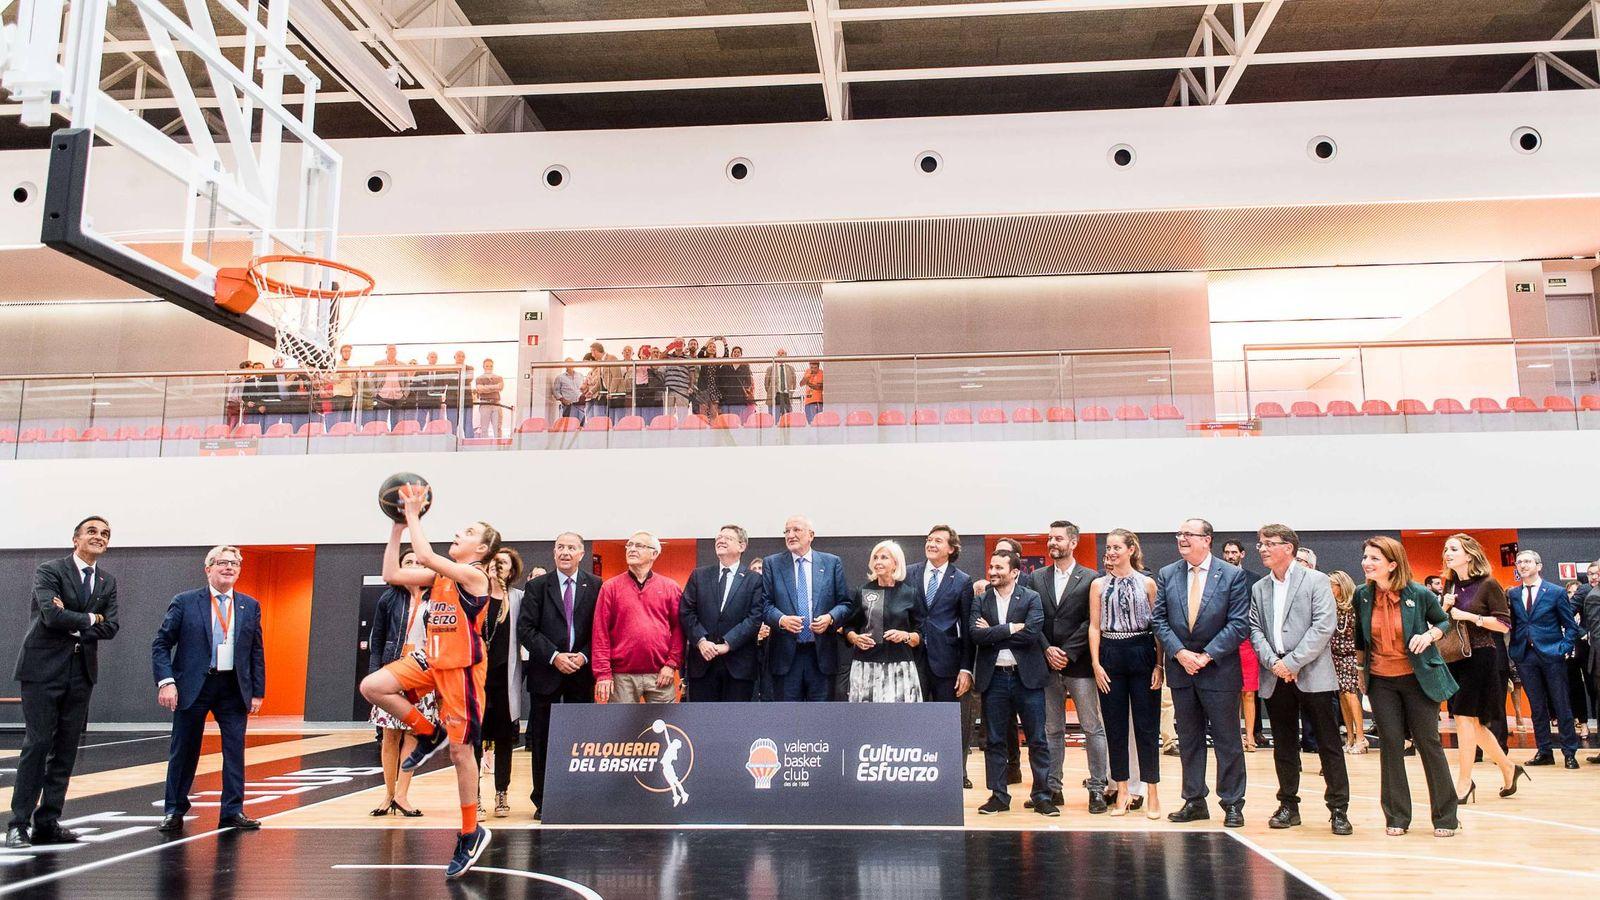 Foto: El Valencia Basket ha inaugurado la escuela L'Alqueria del Basket, que Juan Roig ha financiado con 18 millones de euros. (Miguel Ángel Polo)